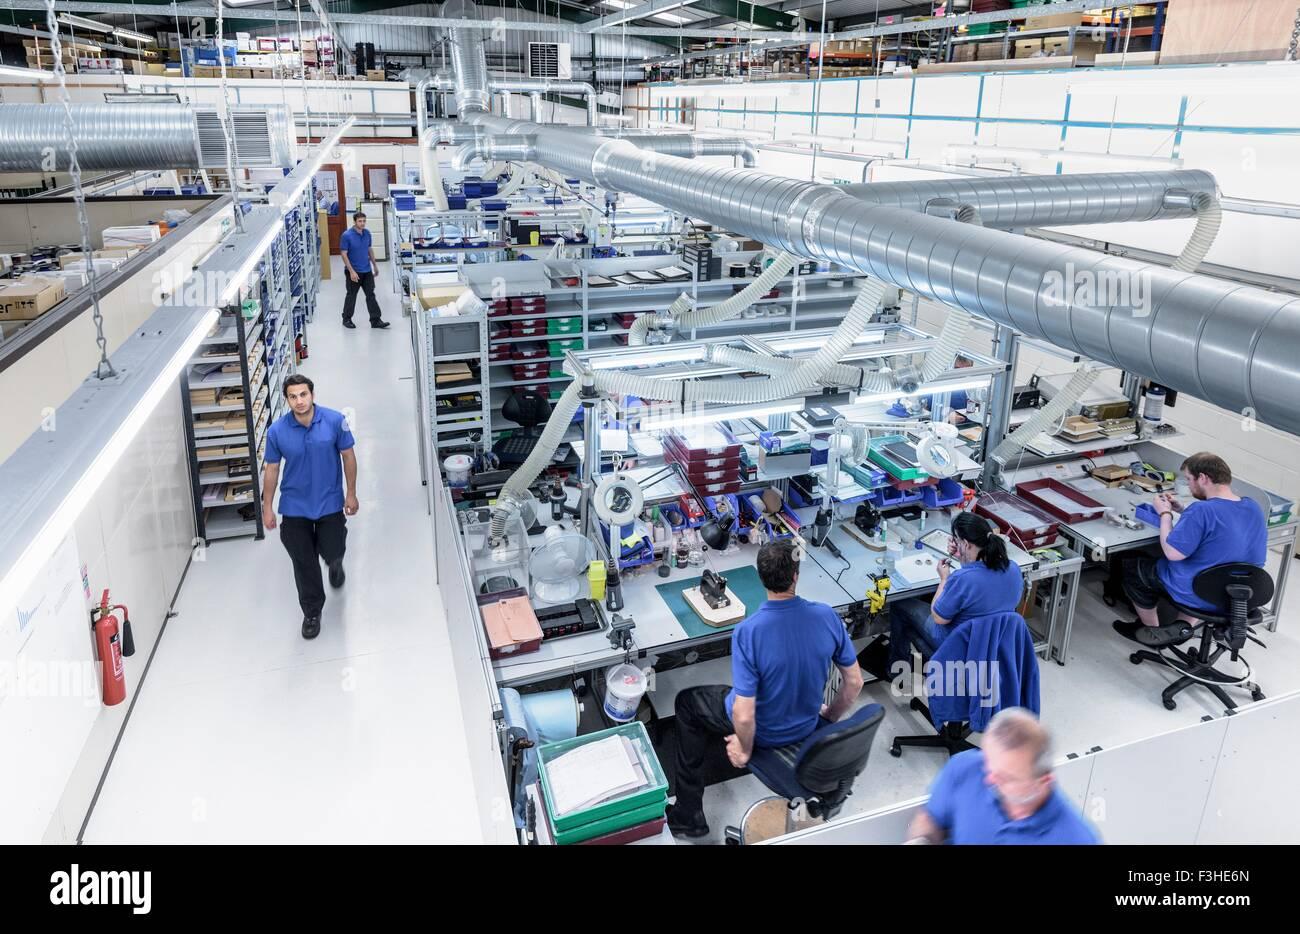 Übersicht der Produktionslinie in Elektronik-Fabrik Stockbild